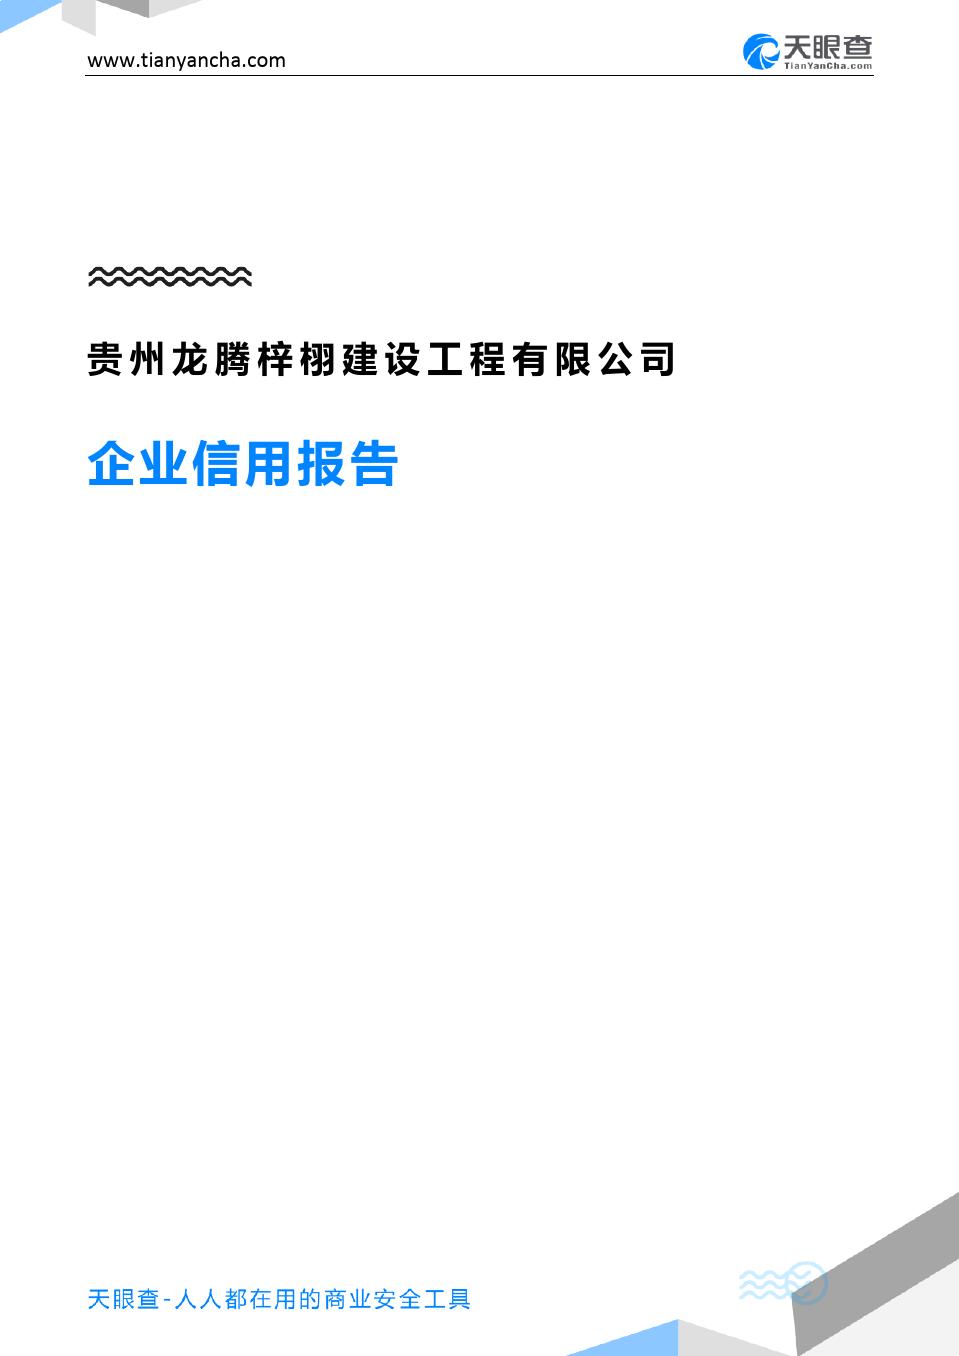 贵州龙腾梓栩建设工程有限公司(企业信用报告)- 天眼查